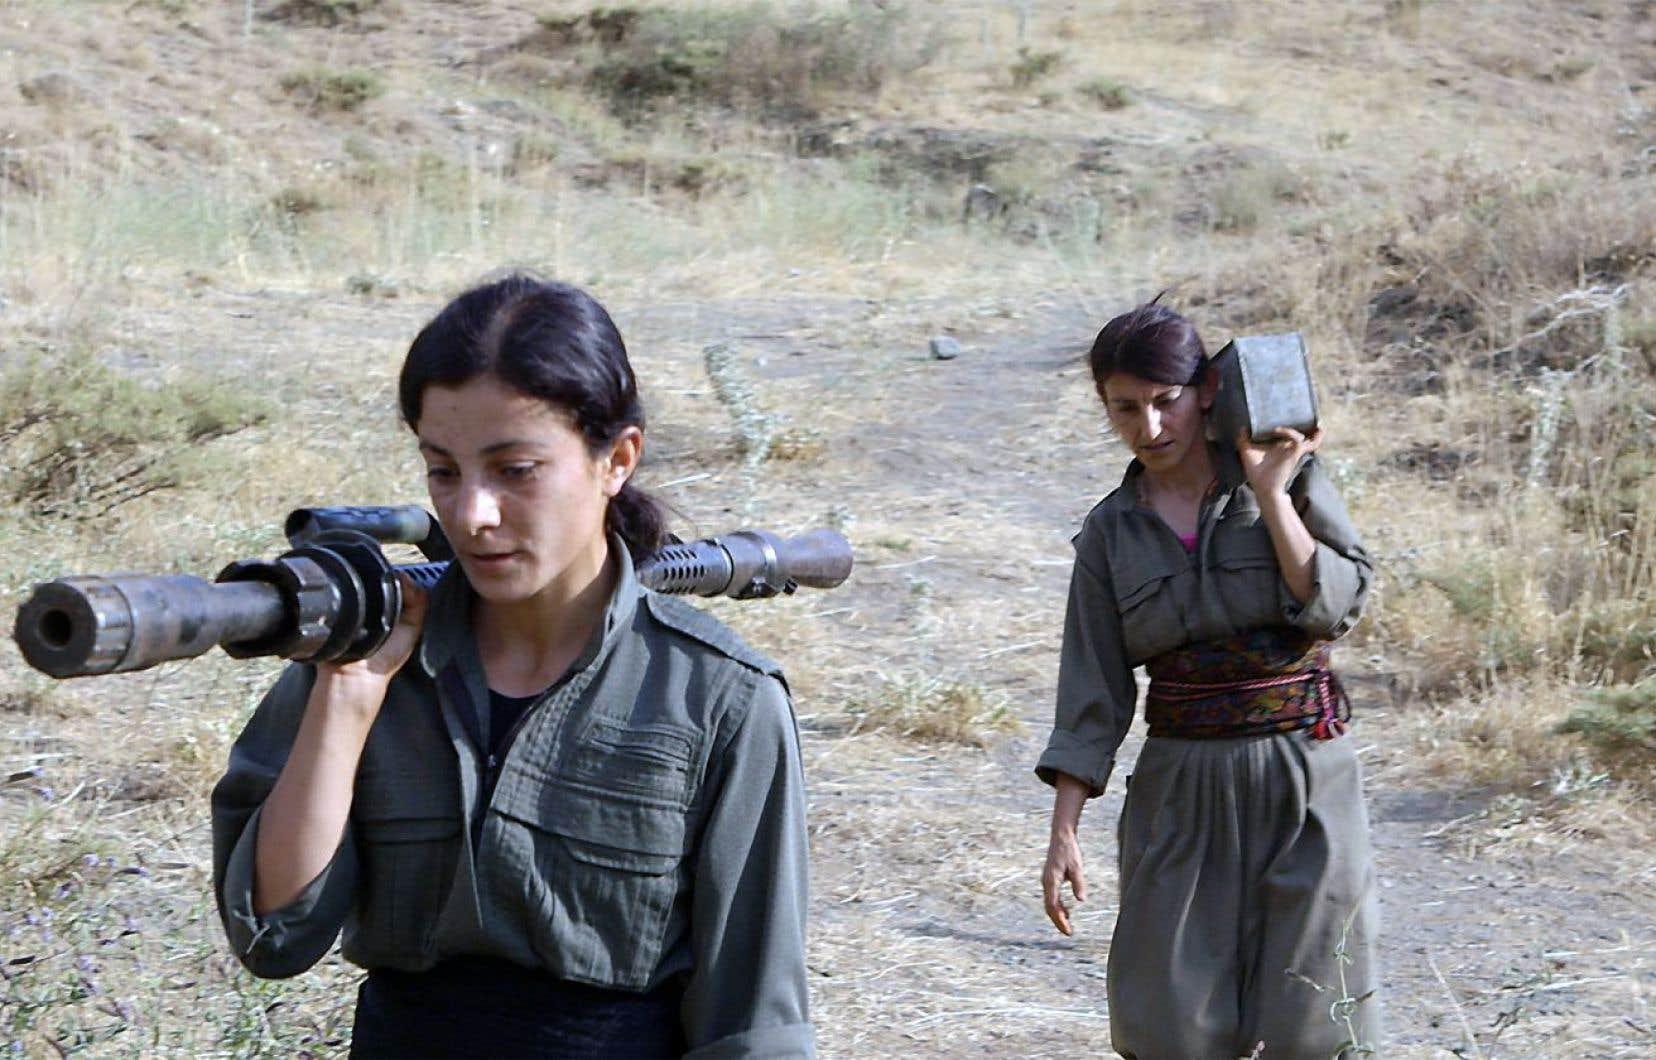 Deux combattantes kurdes transportant des armes dans «Gulîstan», terre de roses